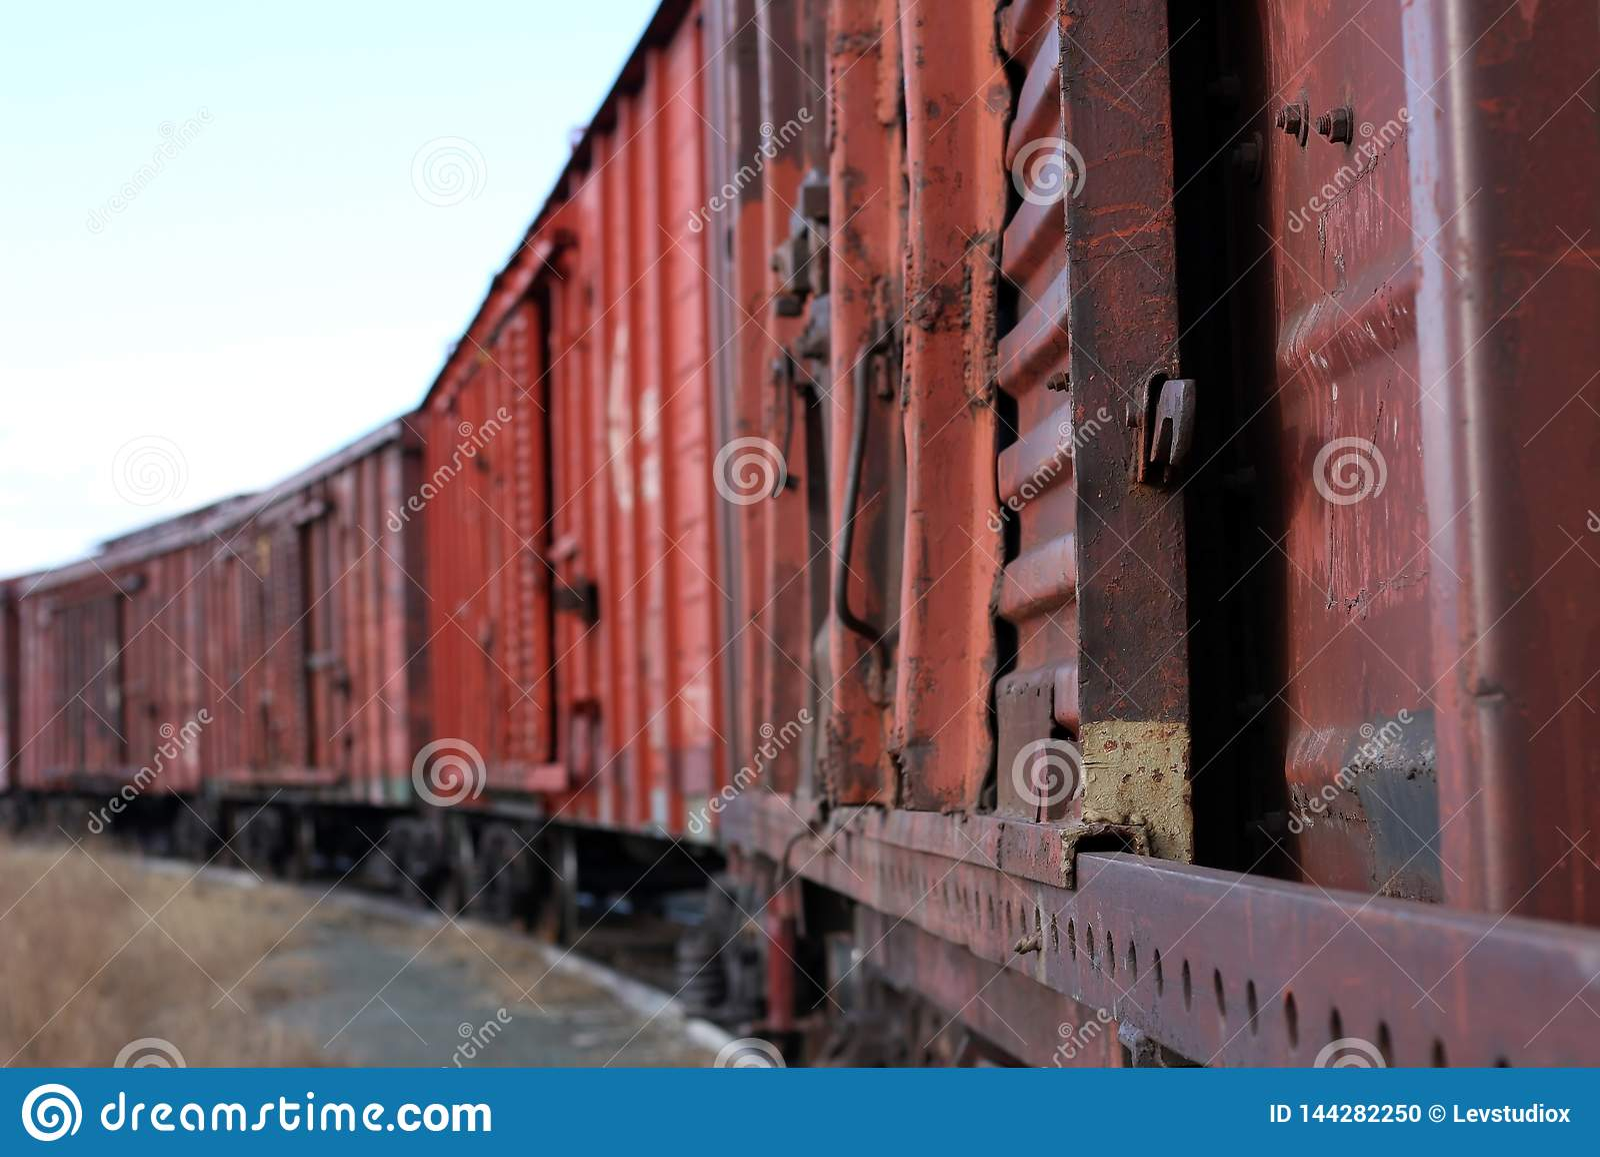 Παλαιές σκουριασμένες στάσεις φορτηγών τρένων στις ράγες